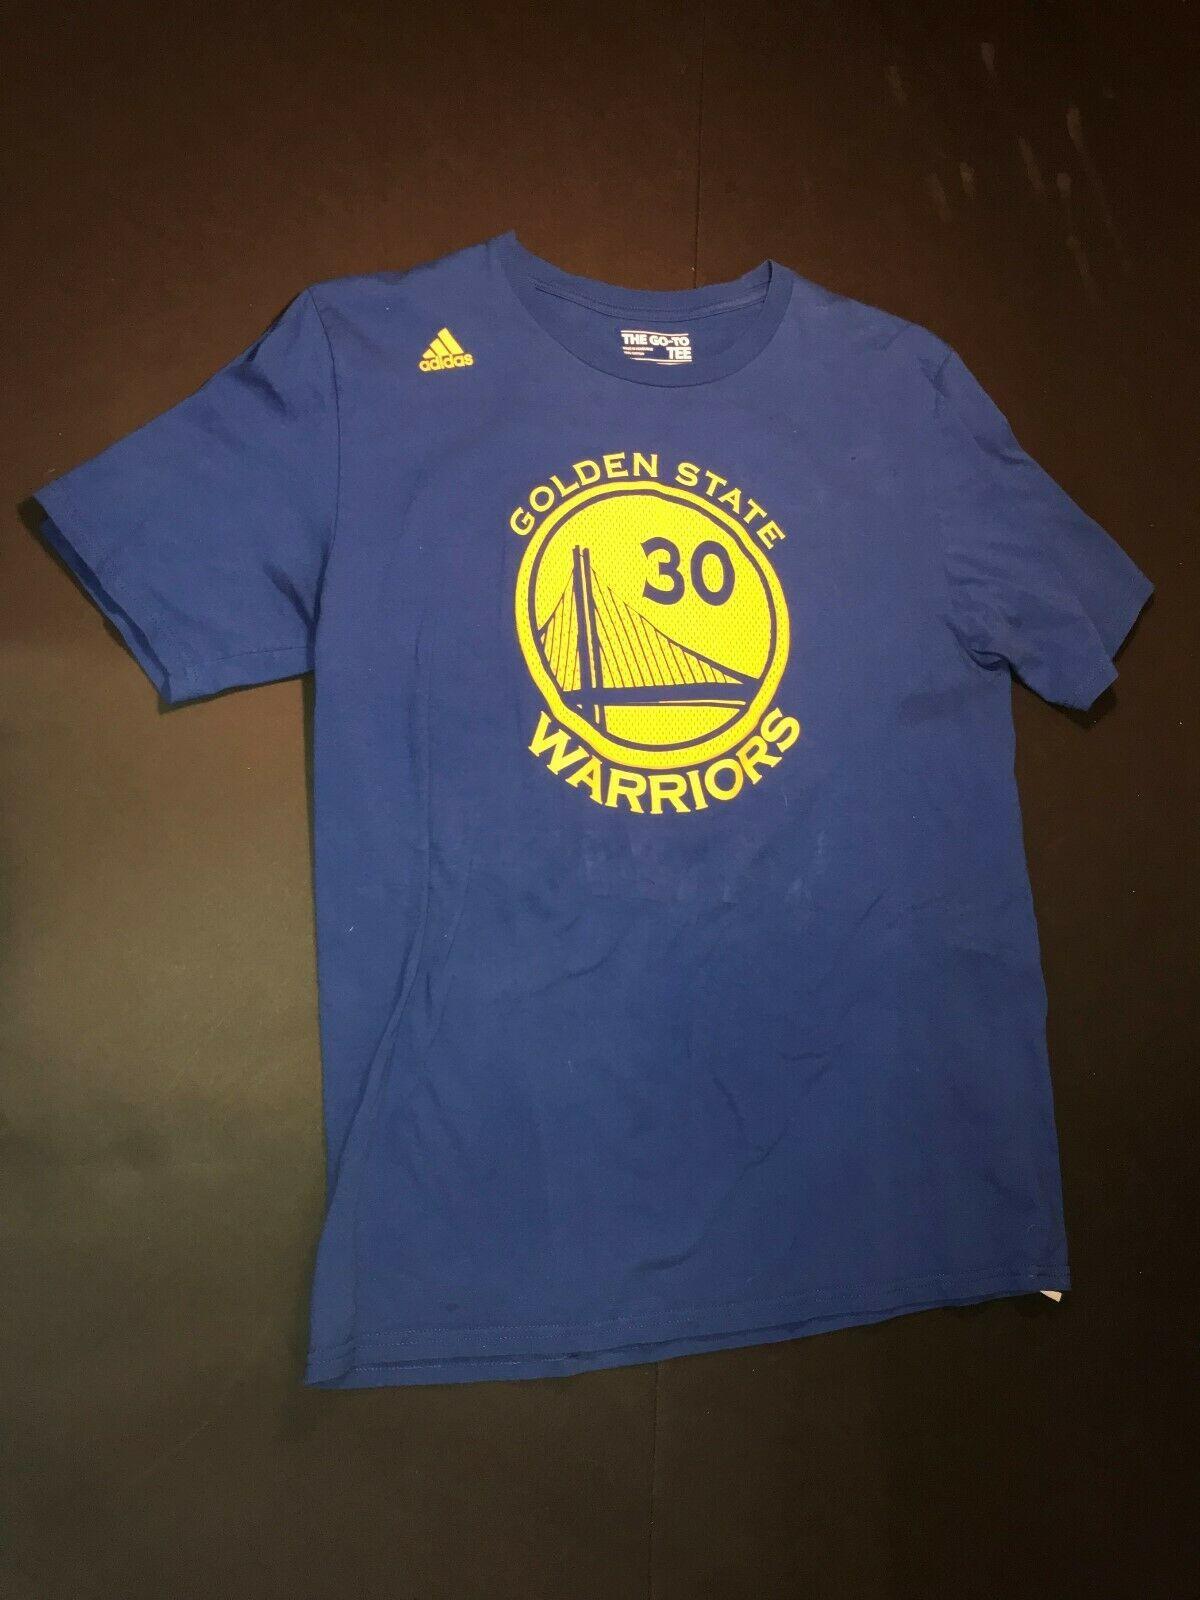 Wielka wyprzedaż ekskluzywne buty nowy produkt Adidas Steph Curry Golden State Warriors T-shirt Men's Large ...